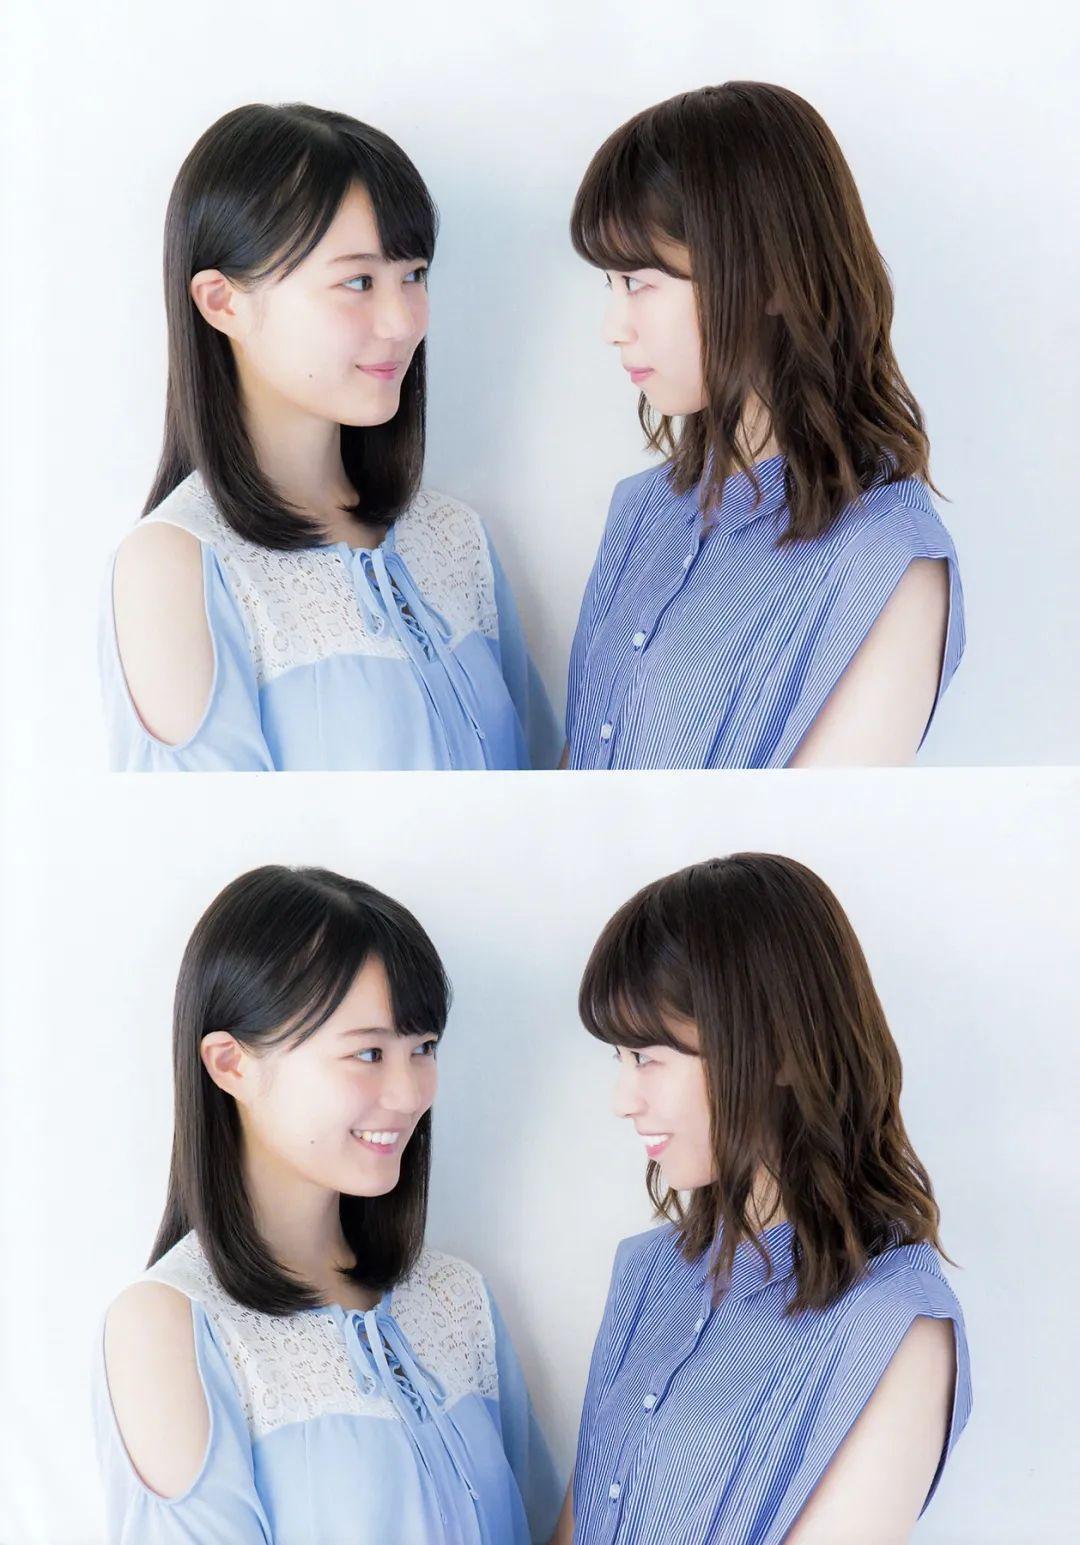 西野七濑×生田绘梨花